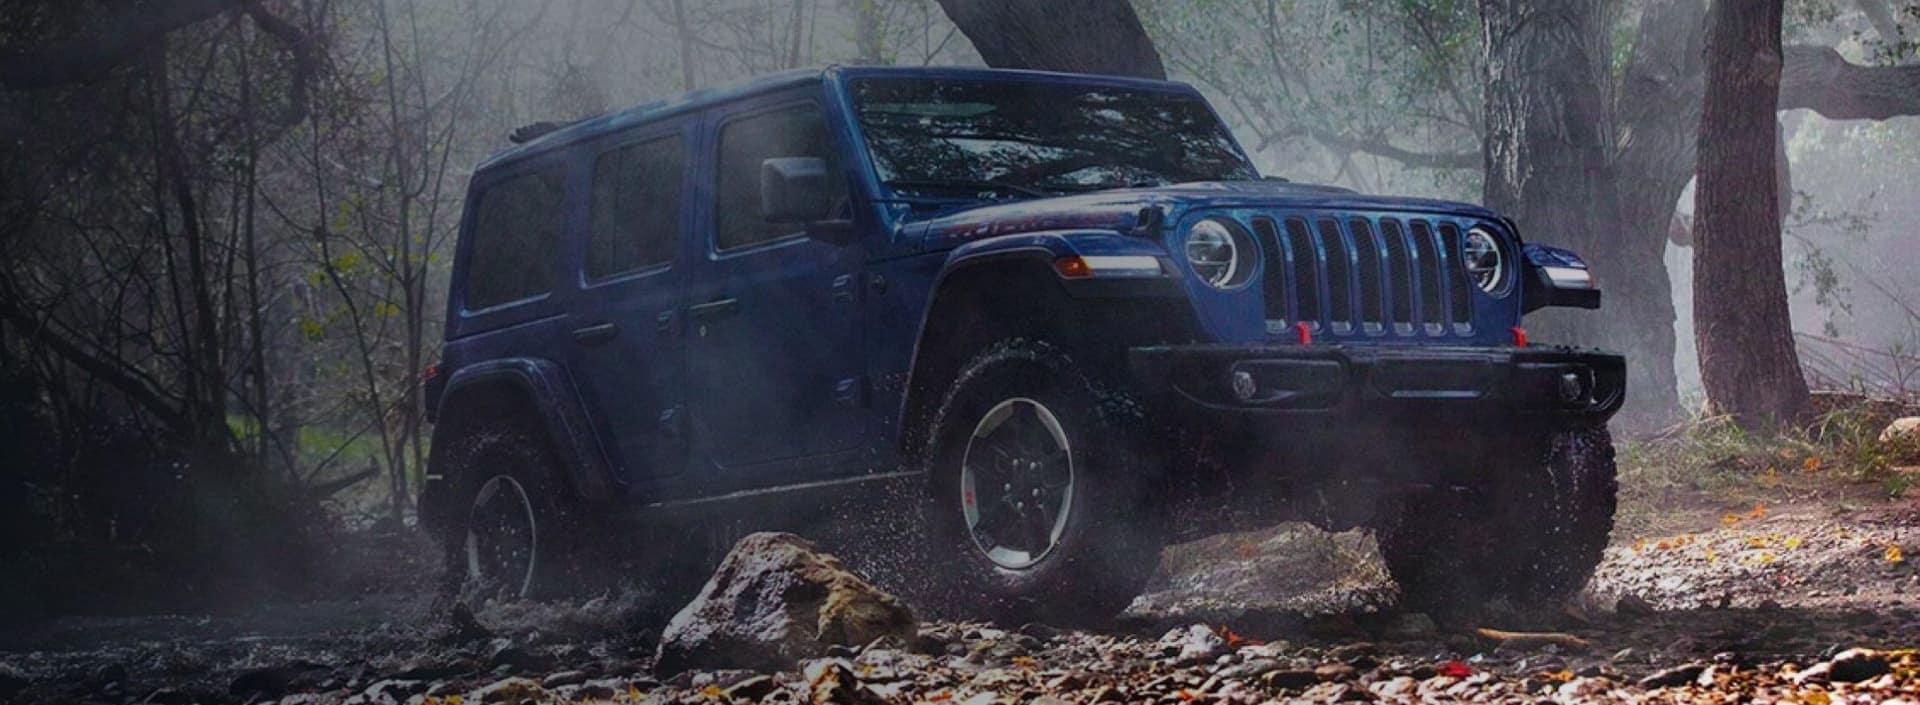 Blue Jeep Truck